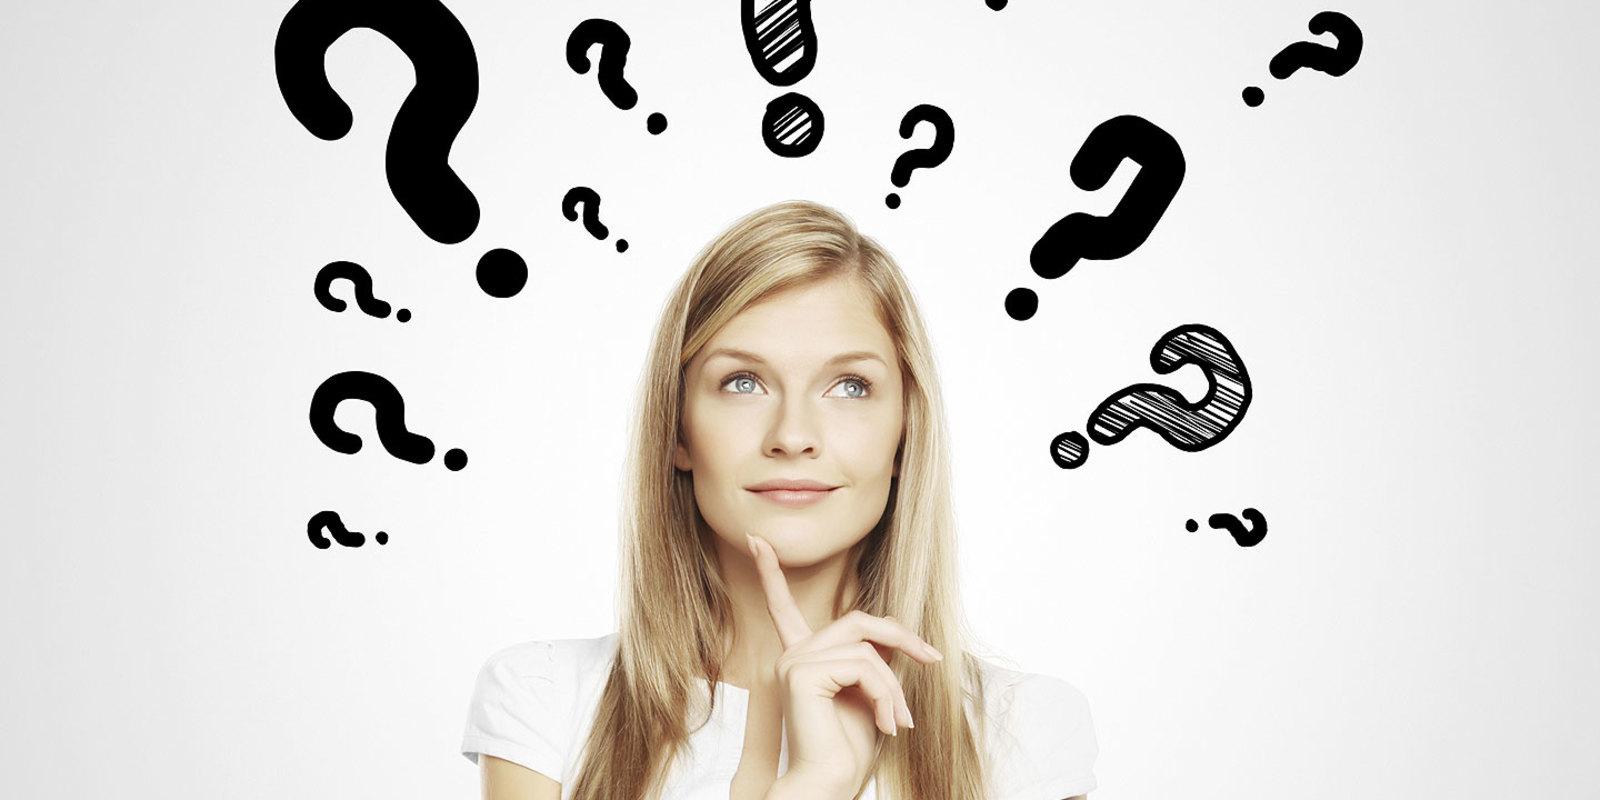 preguntas_y_respuestas_sobre_sexualidad